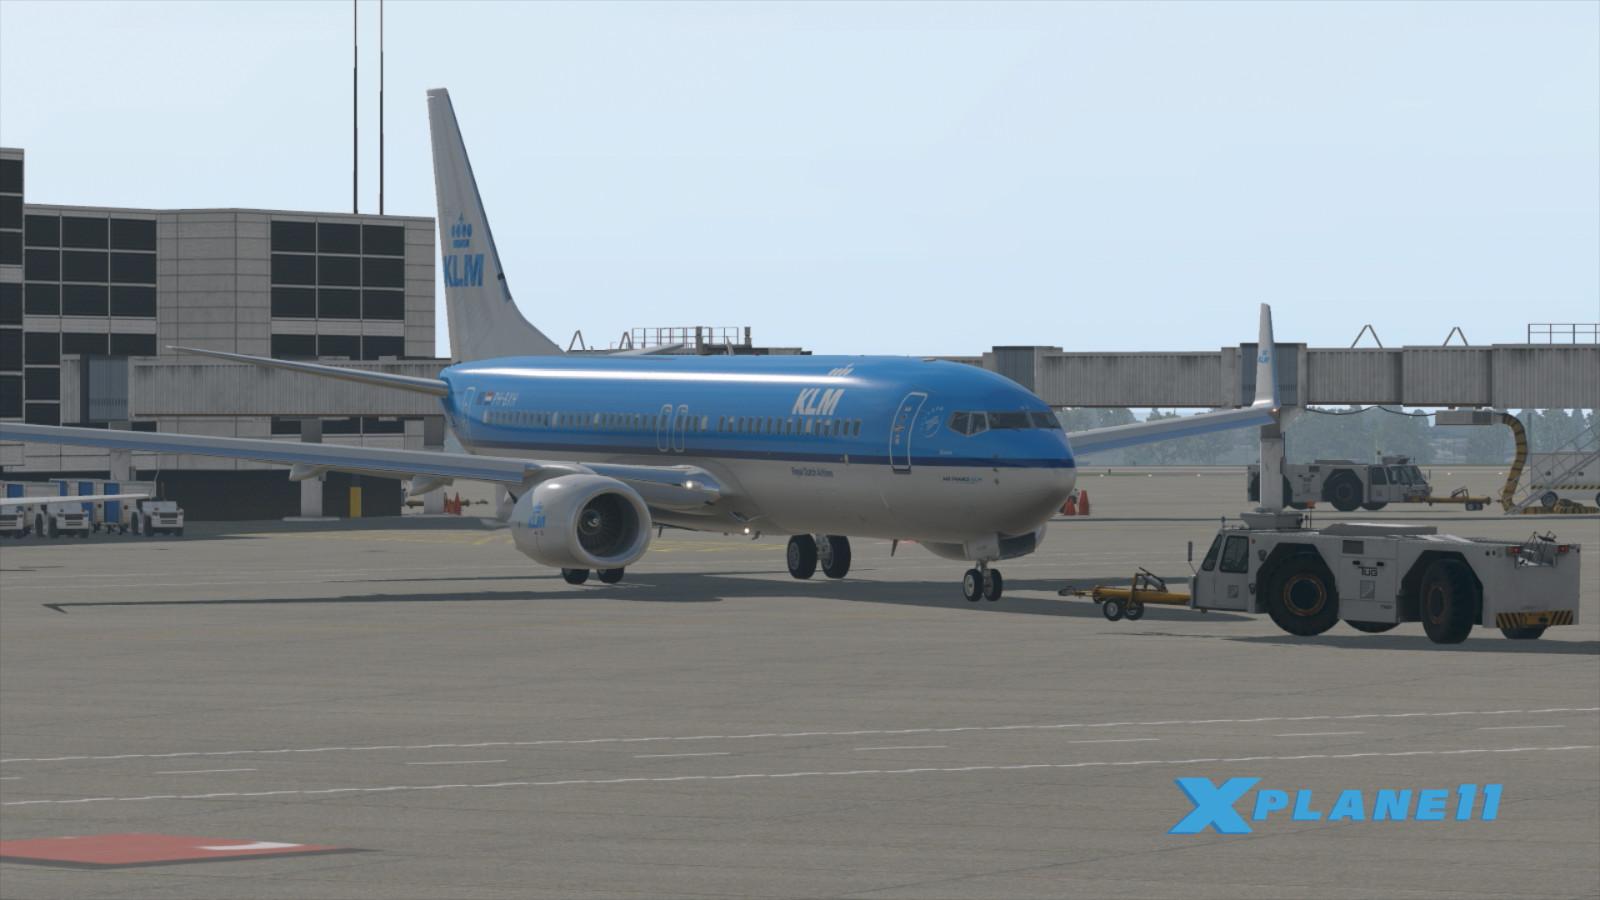 专业模拟飞行11/X-Plane11插图3